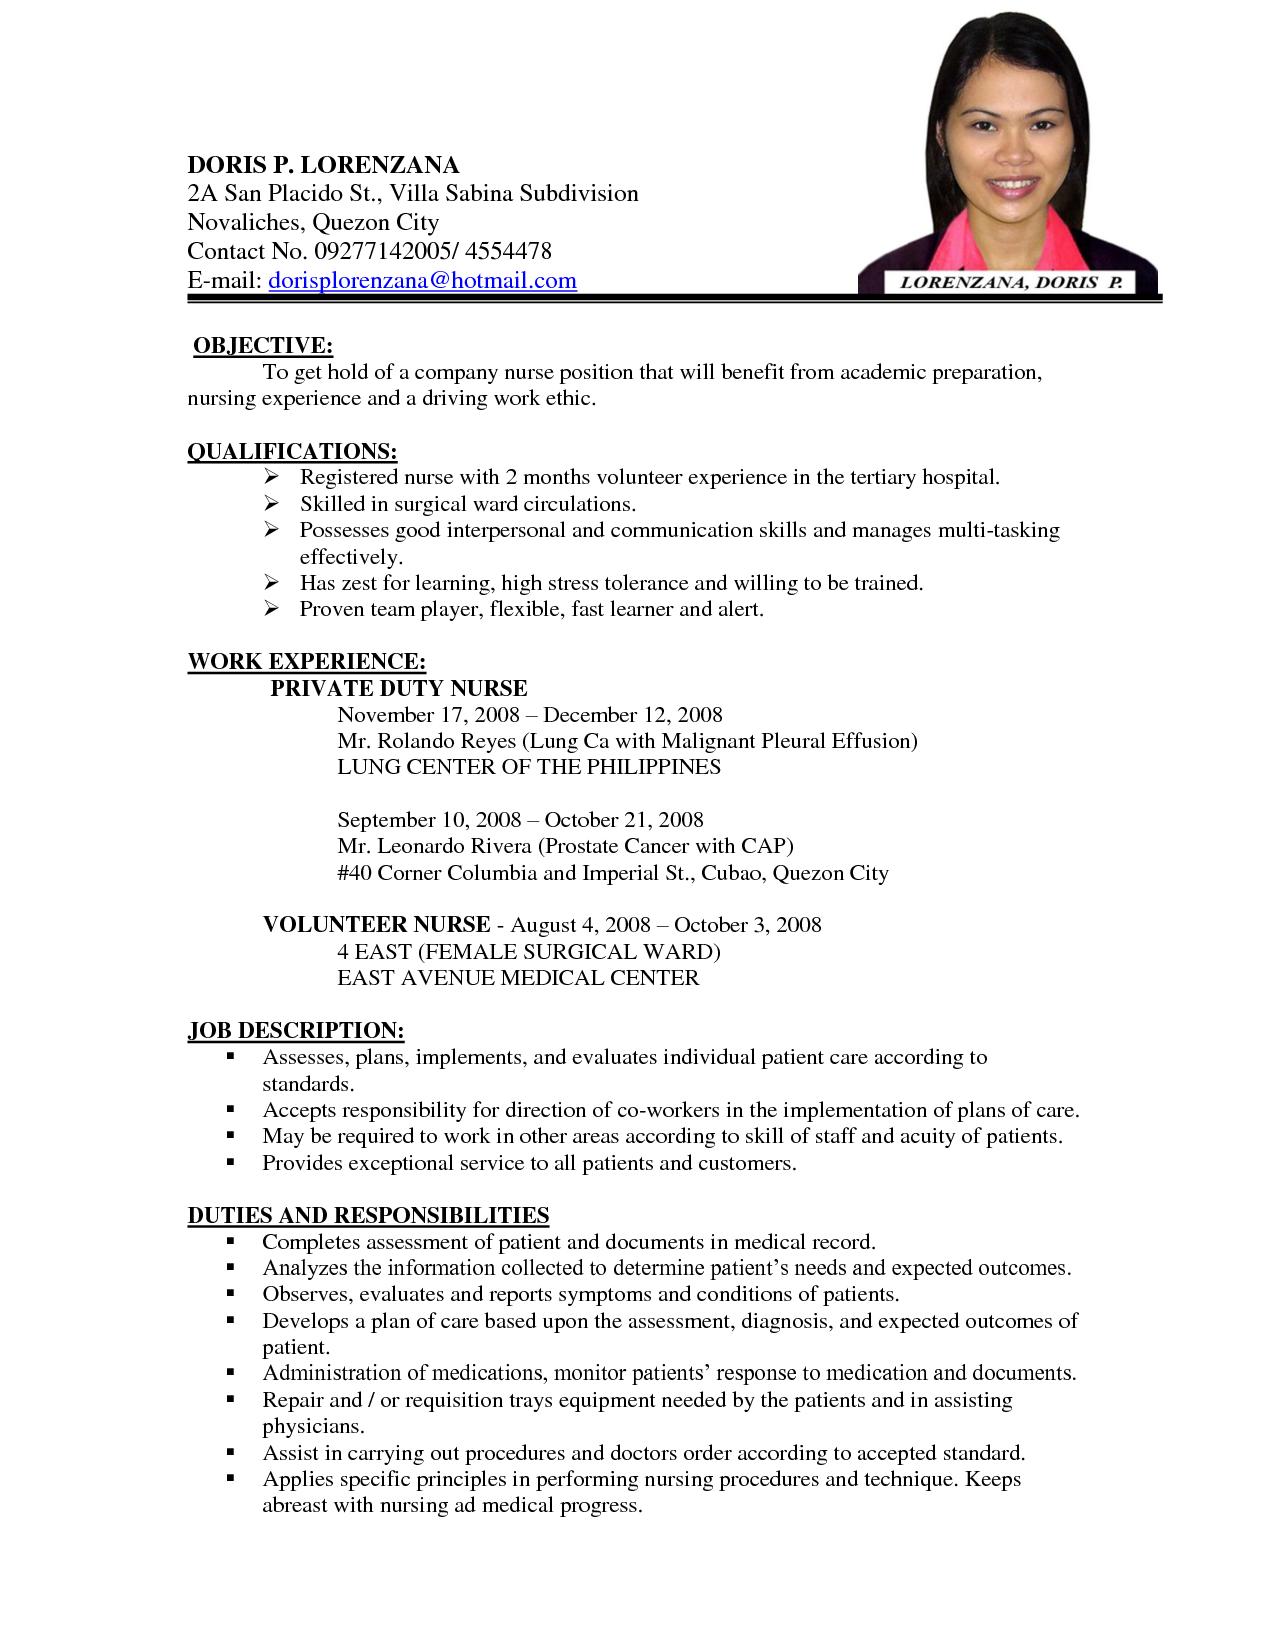 staff nurse resume sample india